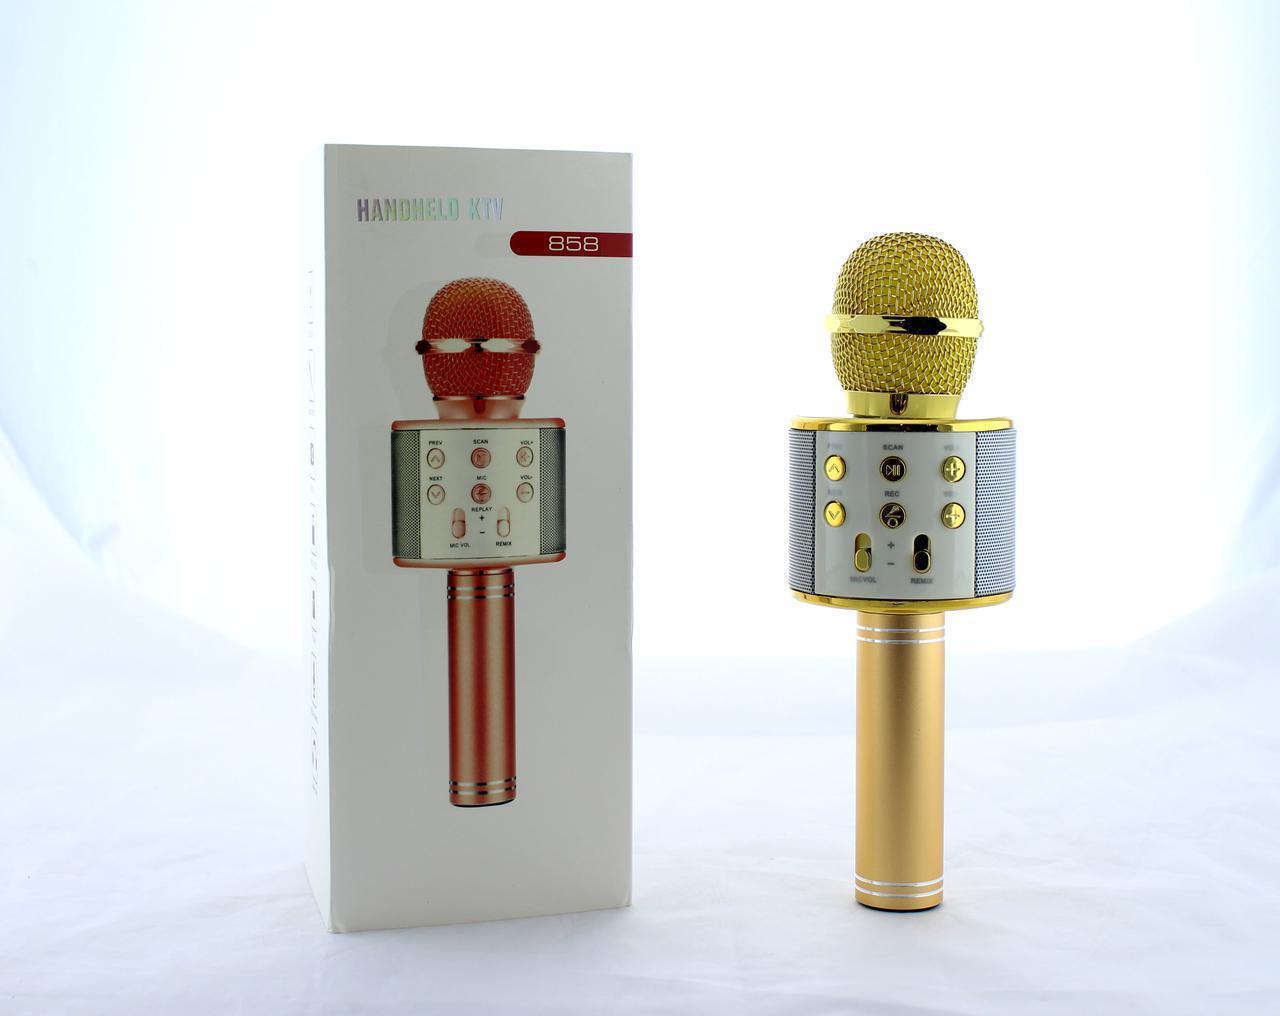 Микрофон DM Karaoke  WS858, Микрофон для караоке, 2 в 1 - динамик и микрофон, Беспроводной микрофон